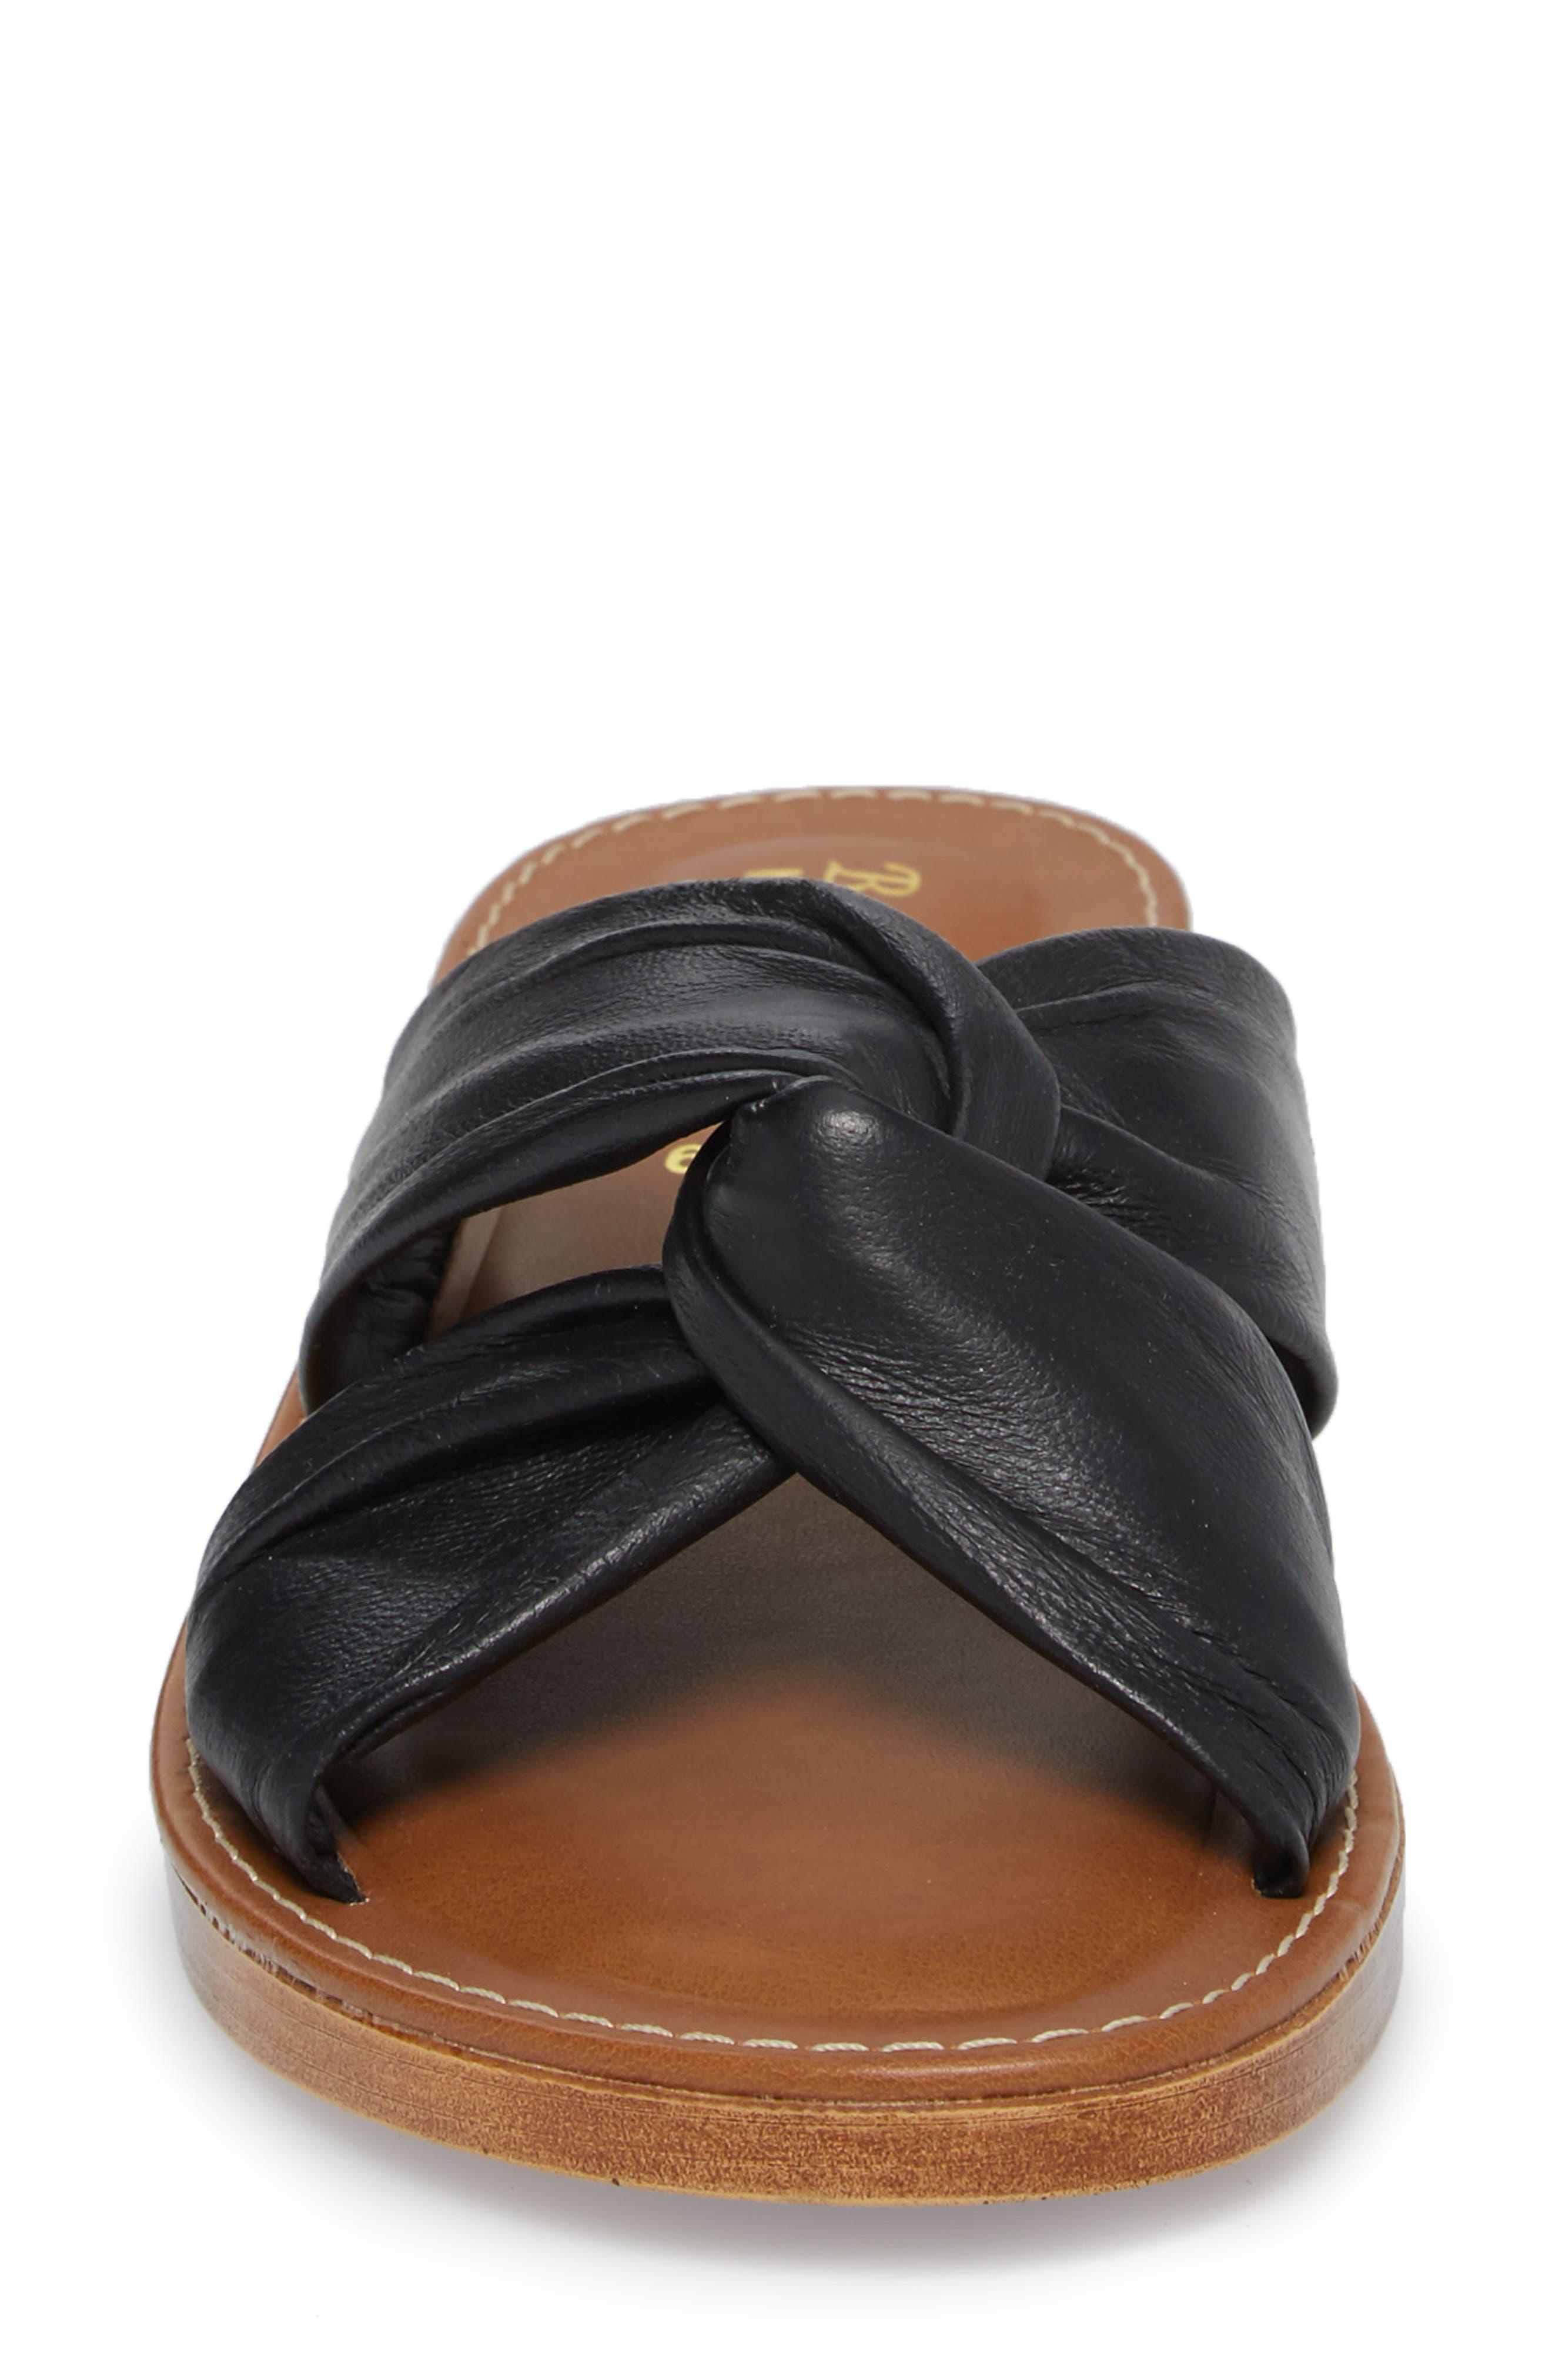 Noa Slide Sandal,                             Alternate thumbnail 4, color,                             001